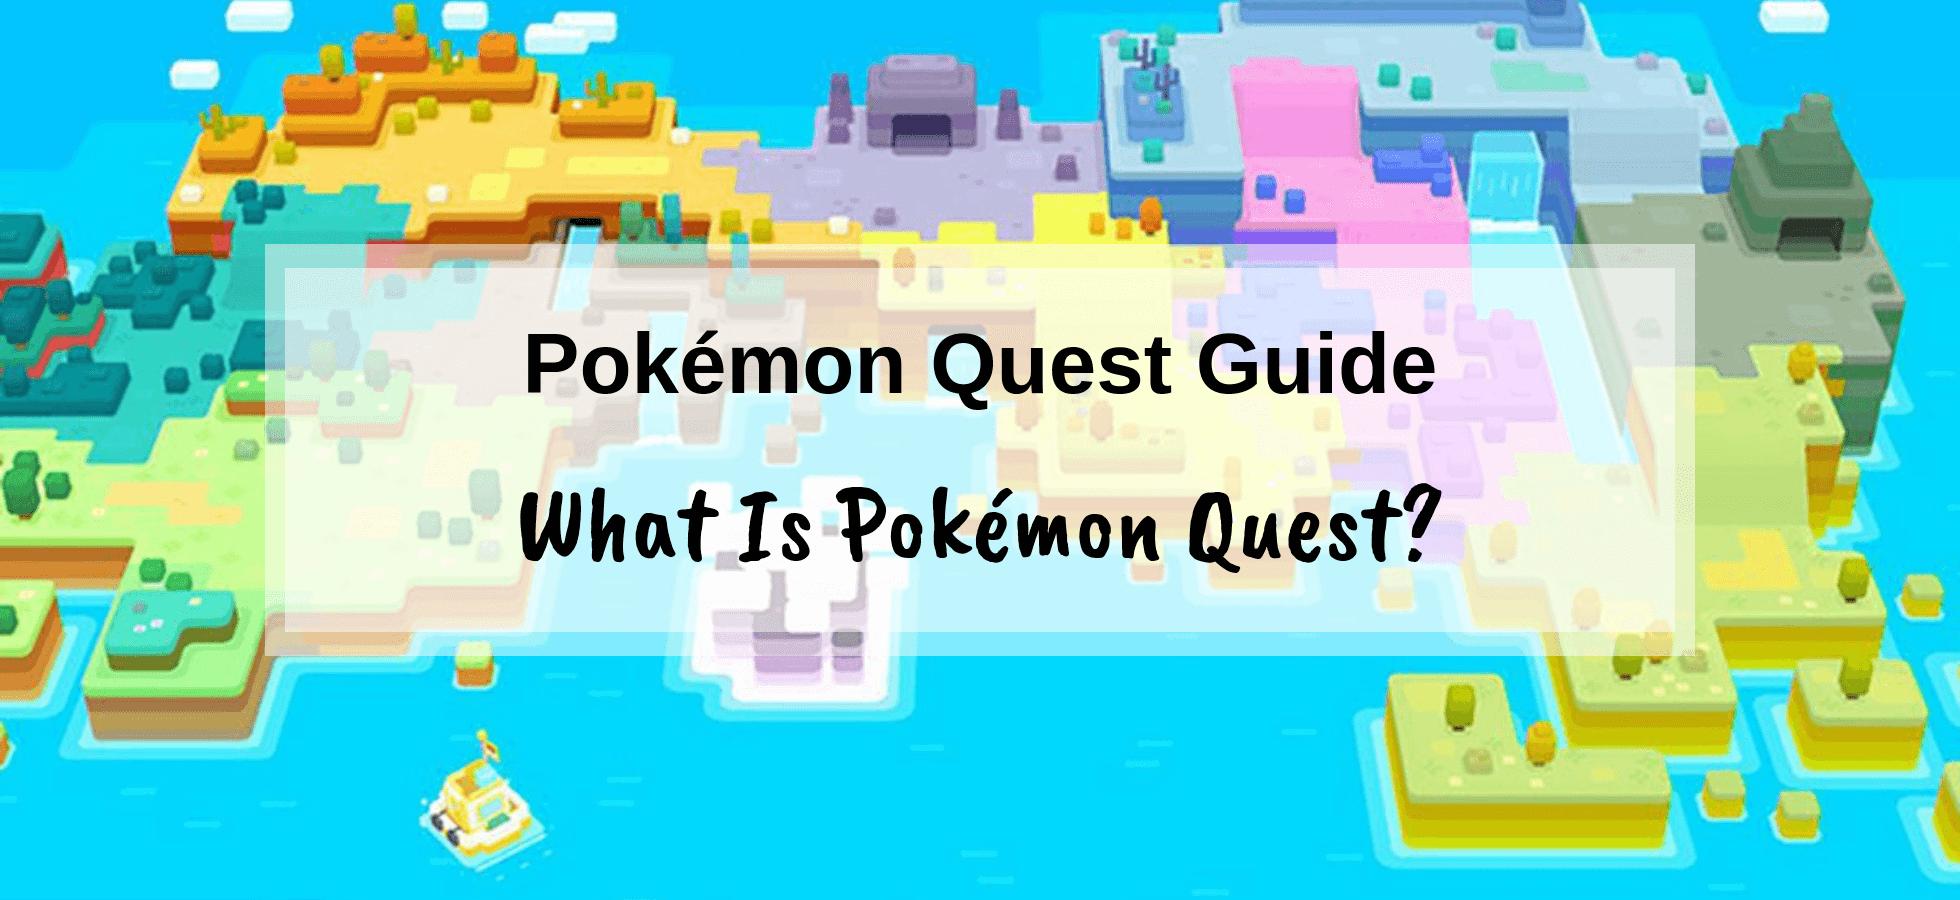 Pokémon Quest Guide – What is Pokémon Quest?